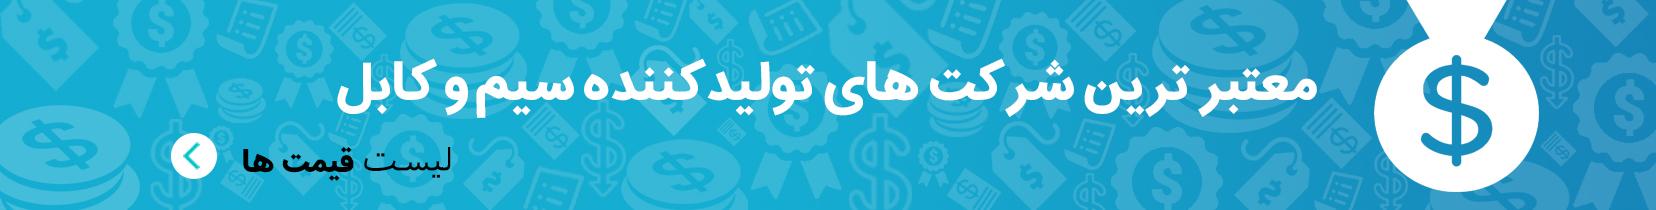 قیمت کابل و سیم